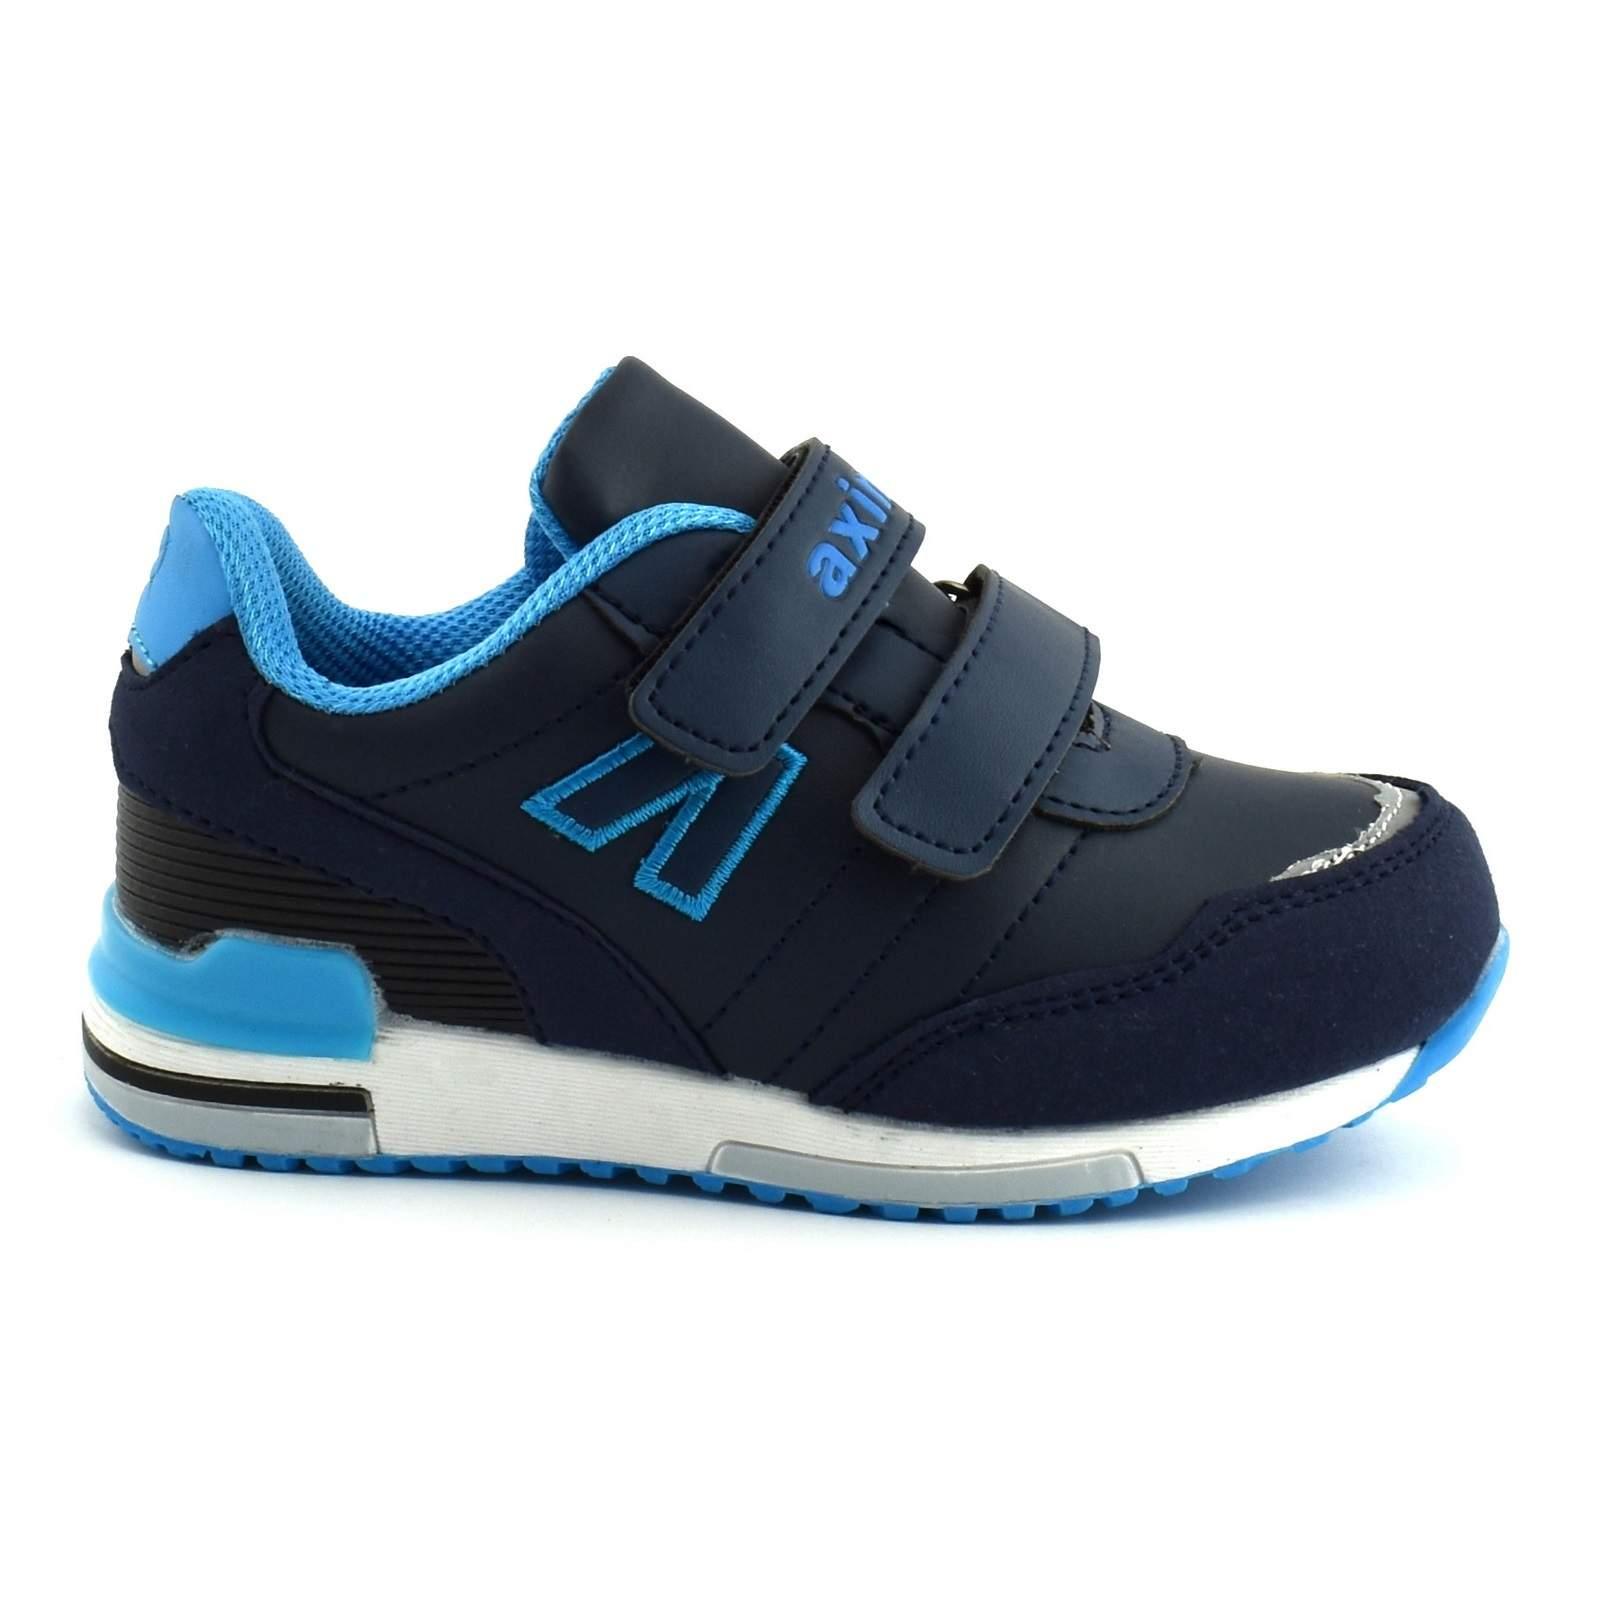 Buty Sportowe Dla Dzieci Axim 1067 Niebieski Granatowy 4649 Sklepdorotka Pl